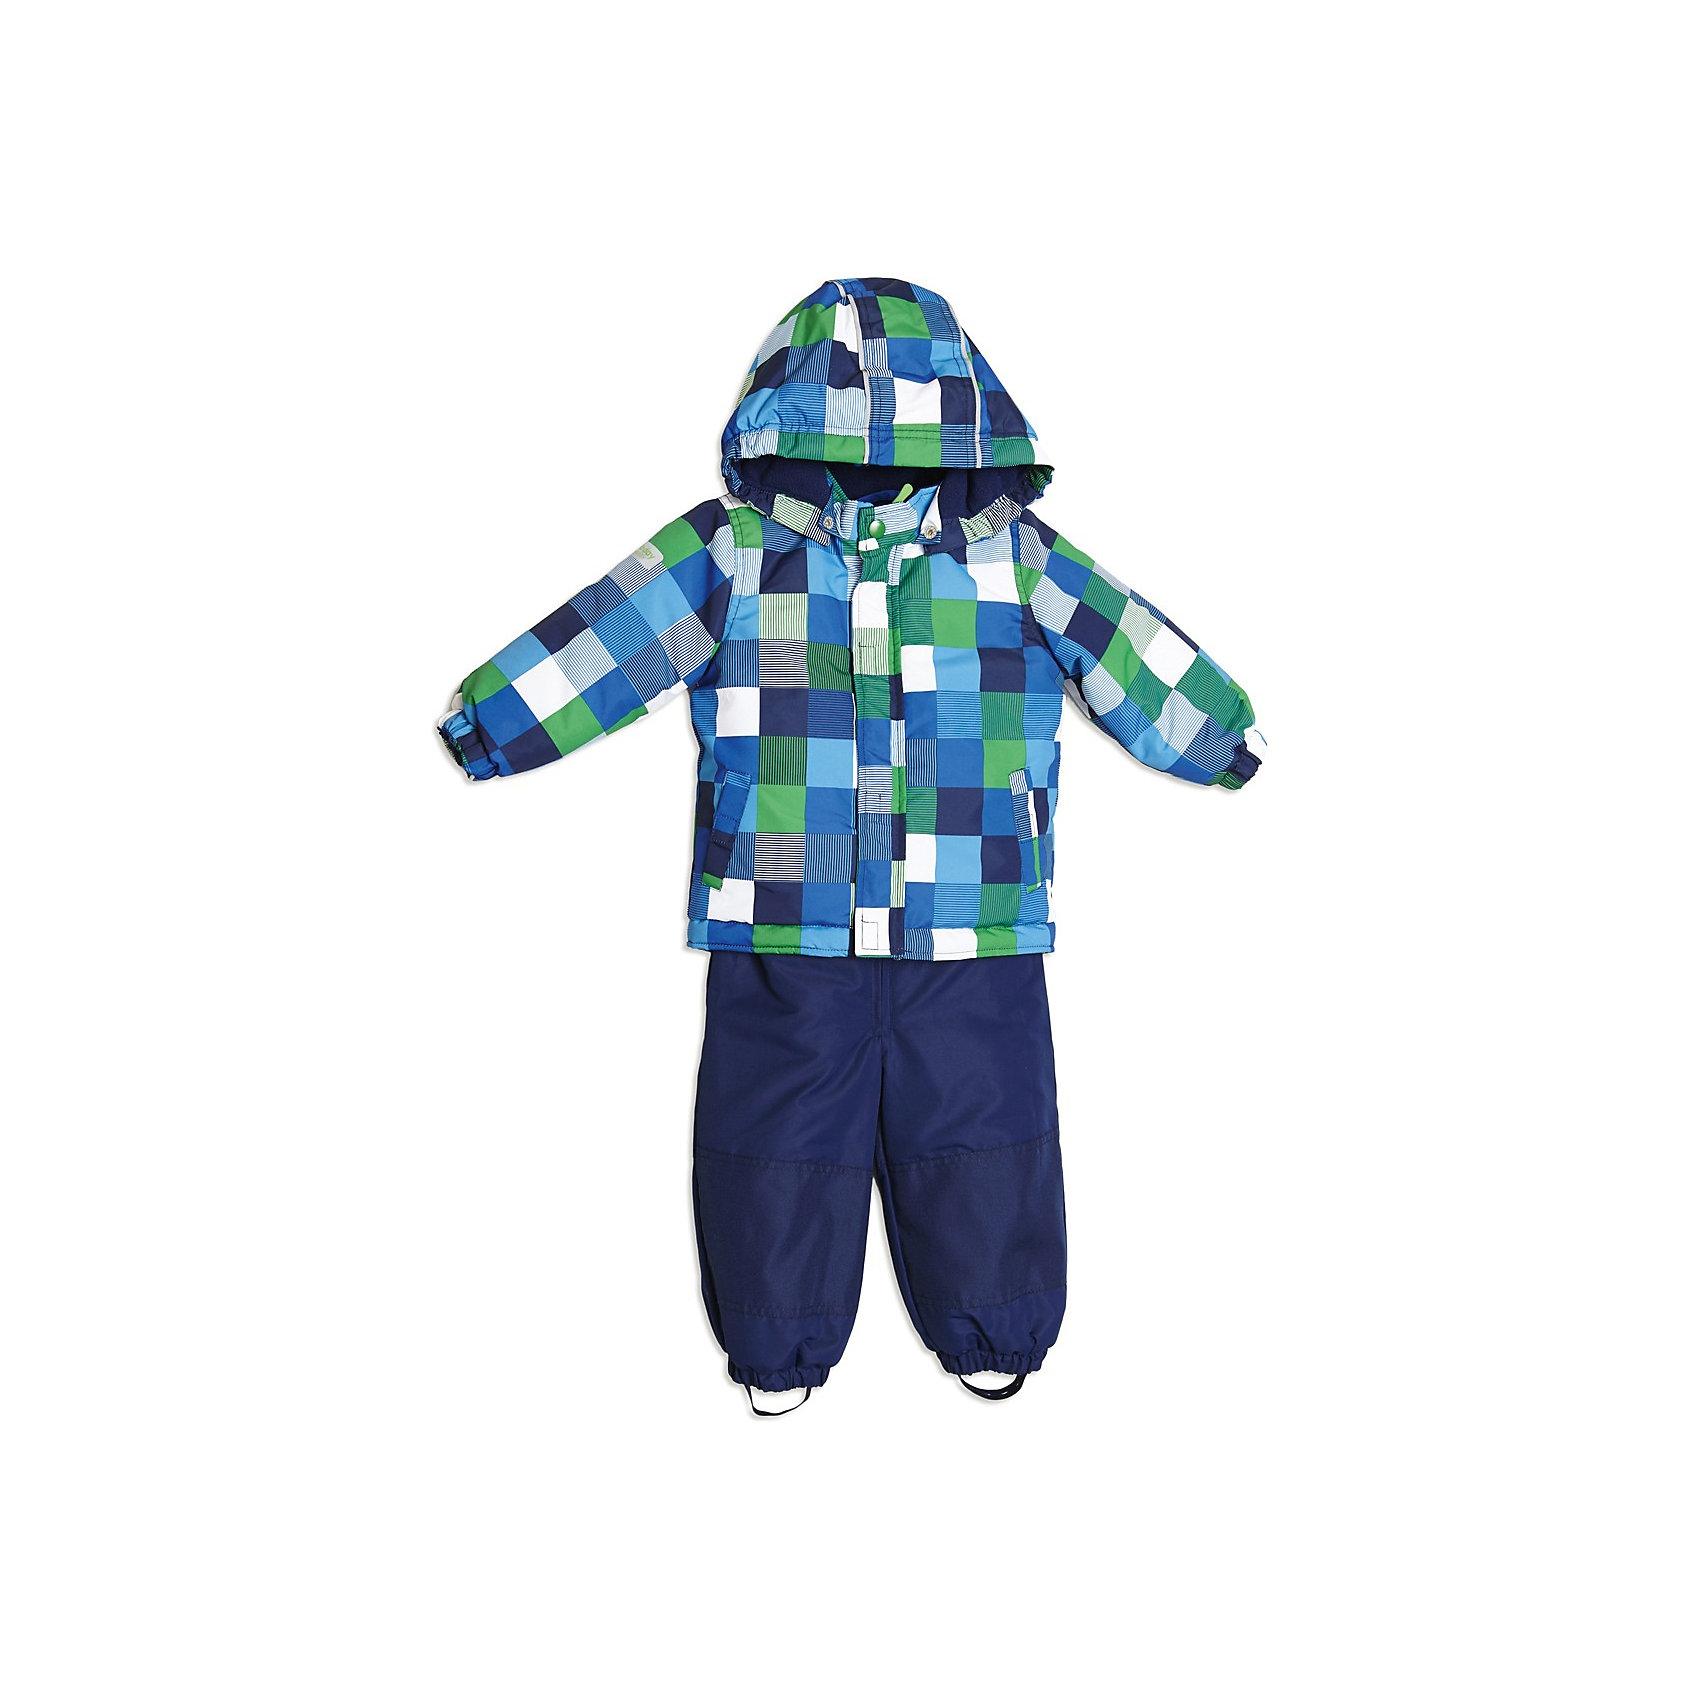 Комплект для мальчика: куртка и полукомбинезон PlayTodayВерхняя одежда<br>Комплект для мальчика: куртка и полукомбинезон от известной марки PlayToday<br>* теплый и практичный комплект верхней одежды на каждый день для мальчика, состоящий из полукомбинезона и куртки<br>* яркая ткань с водоотталкивающей пропиткой<br>куртка:<br>* теплая куртка с уютным отстегивающимся капюшоном на кнопках<br>* с внутренней стороны капюшон выполнен из флиса<br>* манжеты на резинке<br>* функциональные карманы на липучке<br>* застежка - молния и ветрозащитная планка на липучках<br>* низ куртки регулируется стопперами<br>полукомбинезон:<br>* полукомбинезон на эластичных регулируемых по длине бретелях<br>* модель застегивается на молнию<br>* на талии эластичная вставка-резинка, которая регулируется поясом на липучках<br>* в области колен и заднее полотно брюк из более плотной усиленной ткани<br>* отстегивающаяся резинка на пуговицах, фиксирующая стопу ребенка<br>Состав:<br>верх: 100% полиэстер, подкладка: 100% хлопок, <br>наполнитель: 100% полиэстер (250 г)<br><br>Комплект для мальчика: куртка и полукомбинезон PlayToday (Плейтудей) можно купить в нашем магазине.<br><br>Ширина мм: 356<br>Глубина мм: 10<br>Высота мм: 245<br>Вес г: 519<br>Цвет: синий<br>Возраст от месяцев: 6<br>Возраст до месяцев: 9<br>Пол: Мужской<br>Возраст: Детский<br>Размер: 74,92,86,80<br>SKU: 3745568